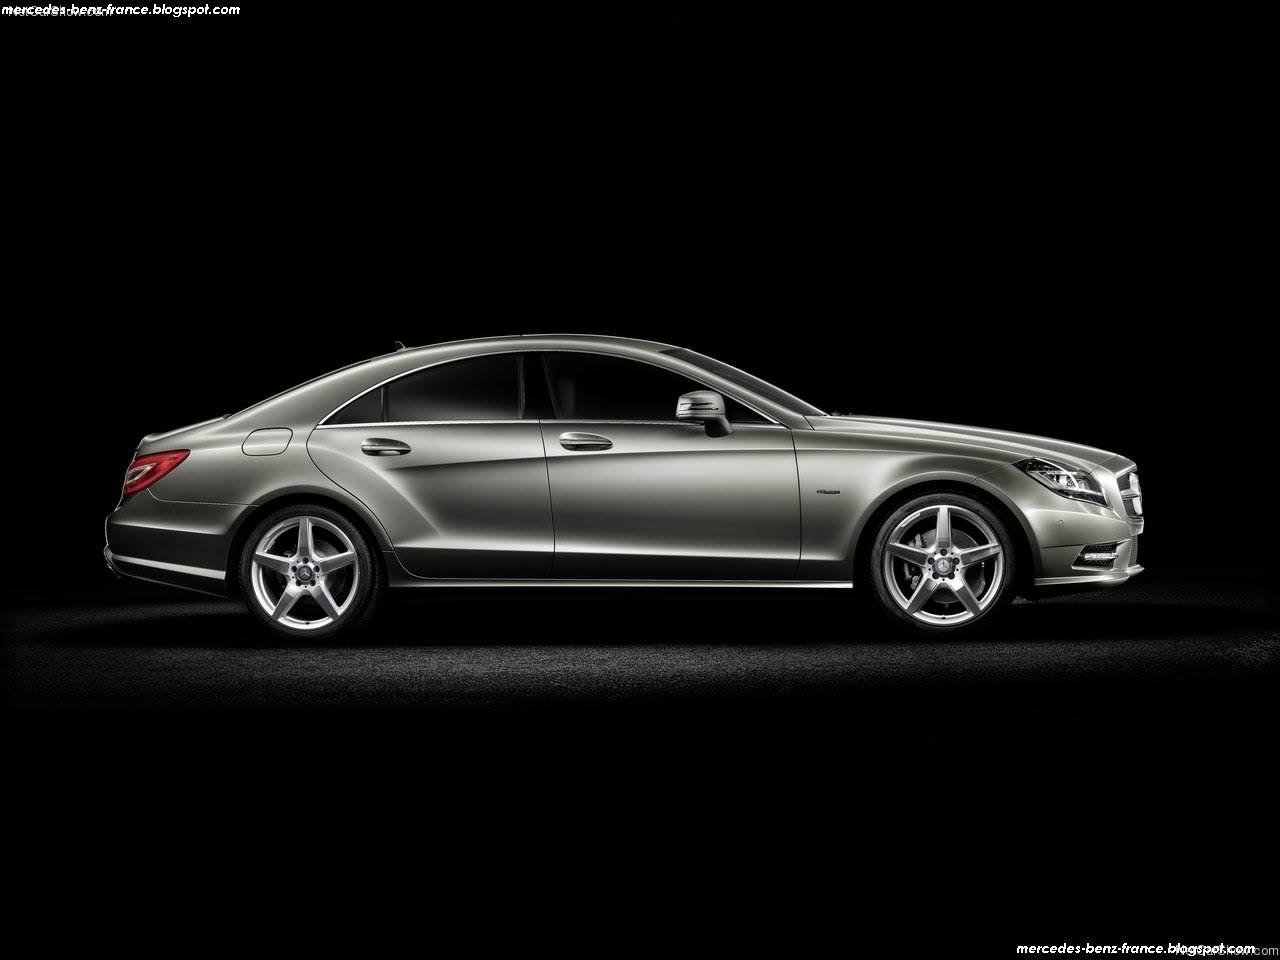 http://2.bp.blogspot.com/_xhqjRo6NERQ/THFrg-rX-bI/AAAAAAAAIrE/TShRSCOlj6A/s1600/Mercedes-Benz-CLS-Class_2012_1280x960_wallpaper_04.jpg